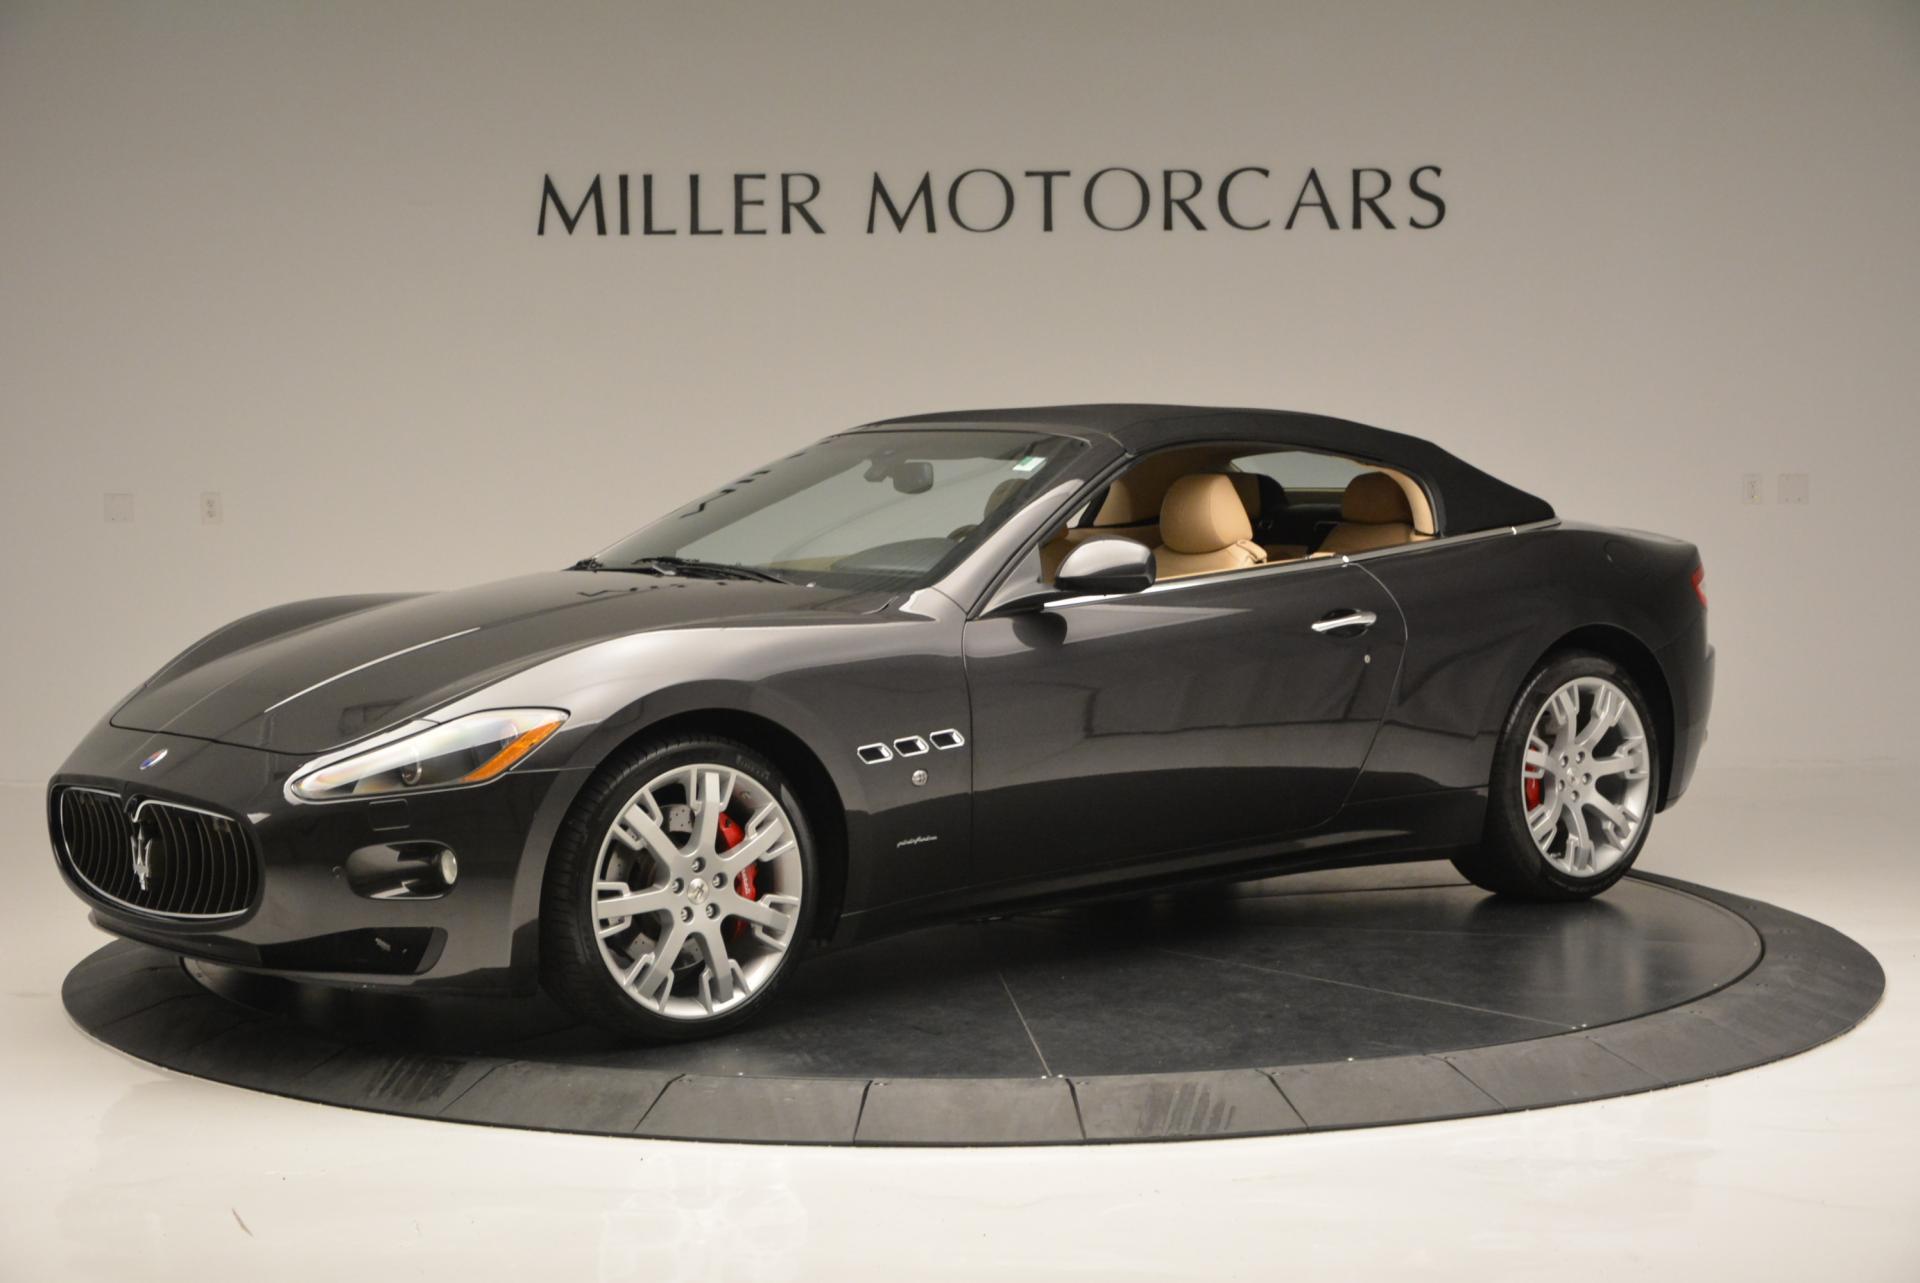 Used 2011 Maserati GranTurismo Base For Sale In Greenwich, CT 158_p14